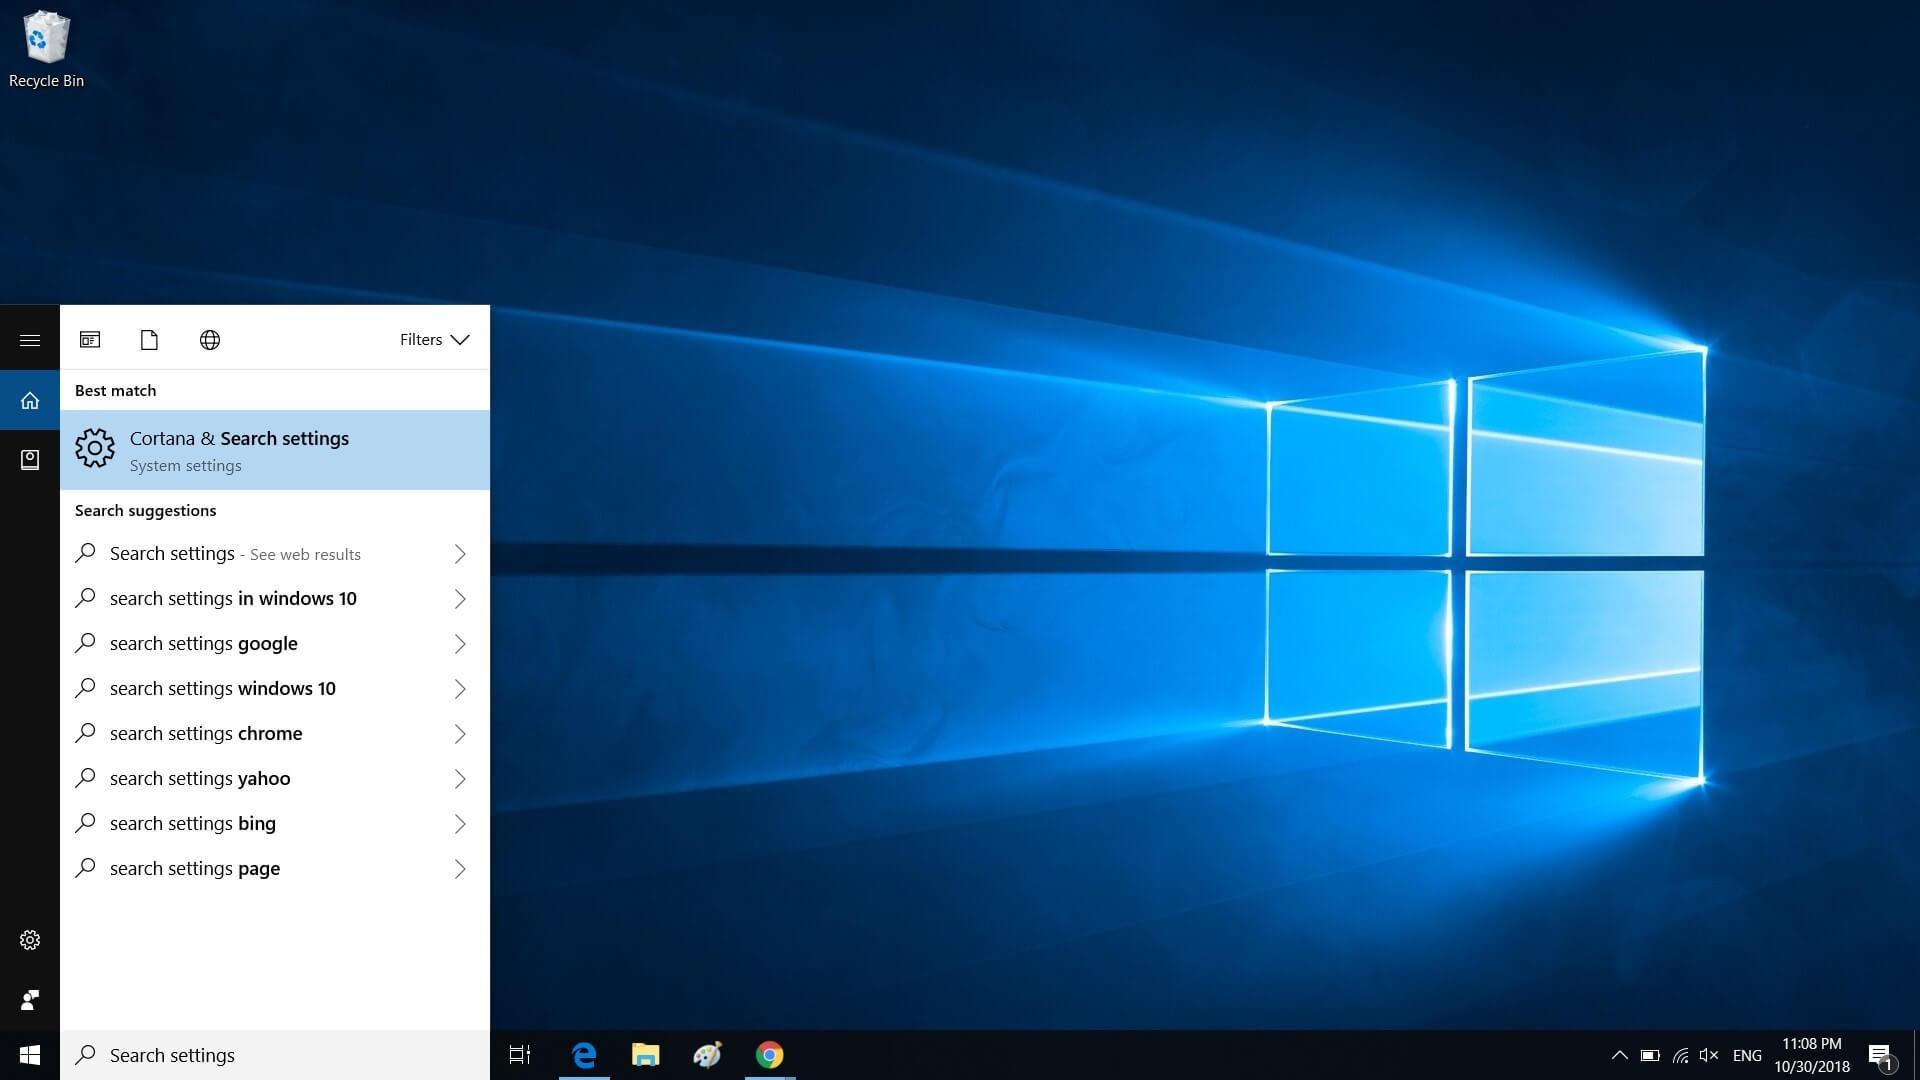 Microsoft использует поиск в Windows 10, чтобы рекламировать свои сервисы